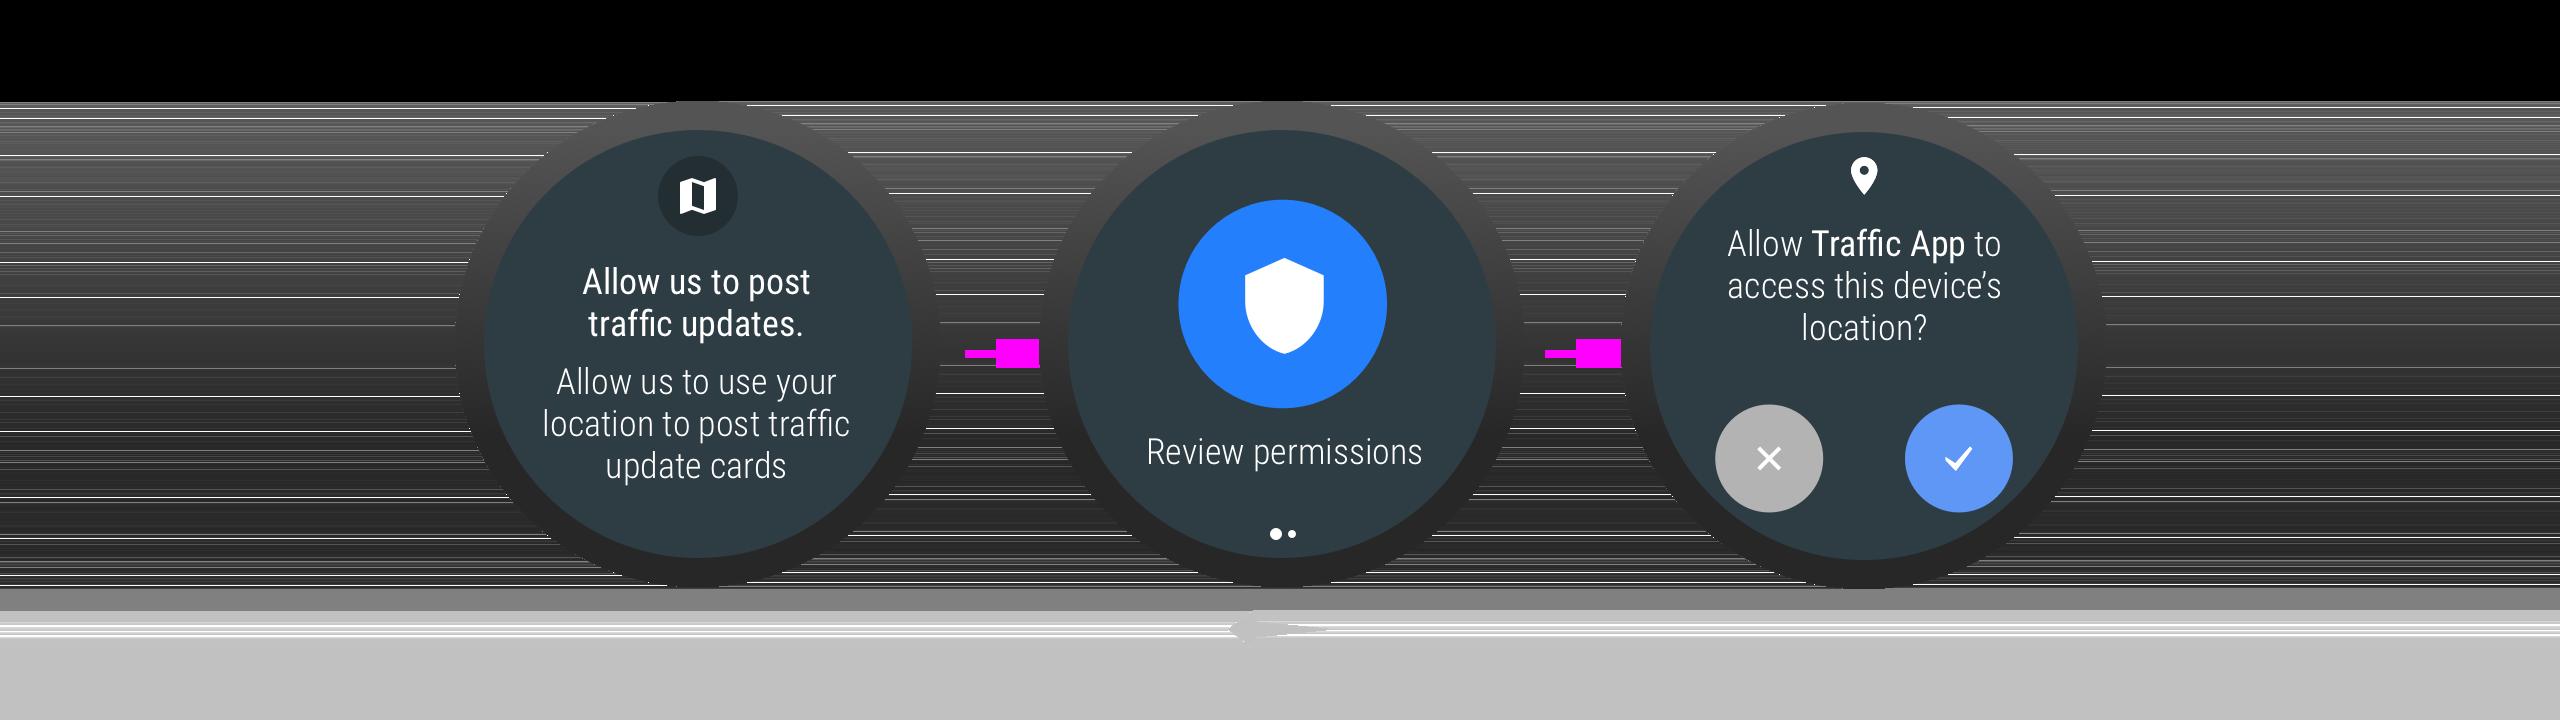 当通过 Service 与应用间接交互时,用户可能需要授予权限。